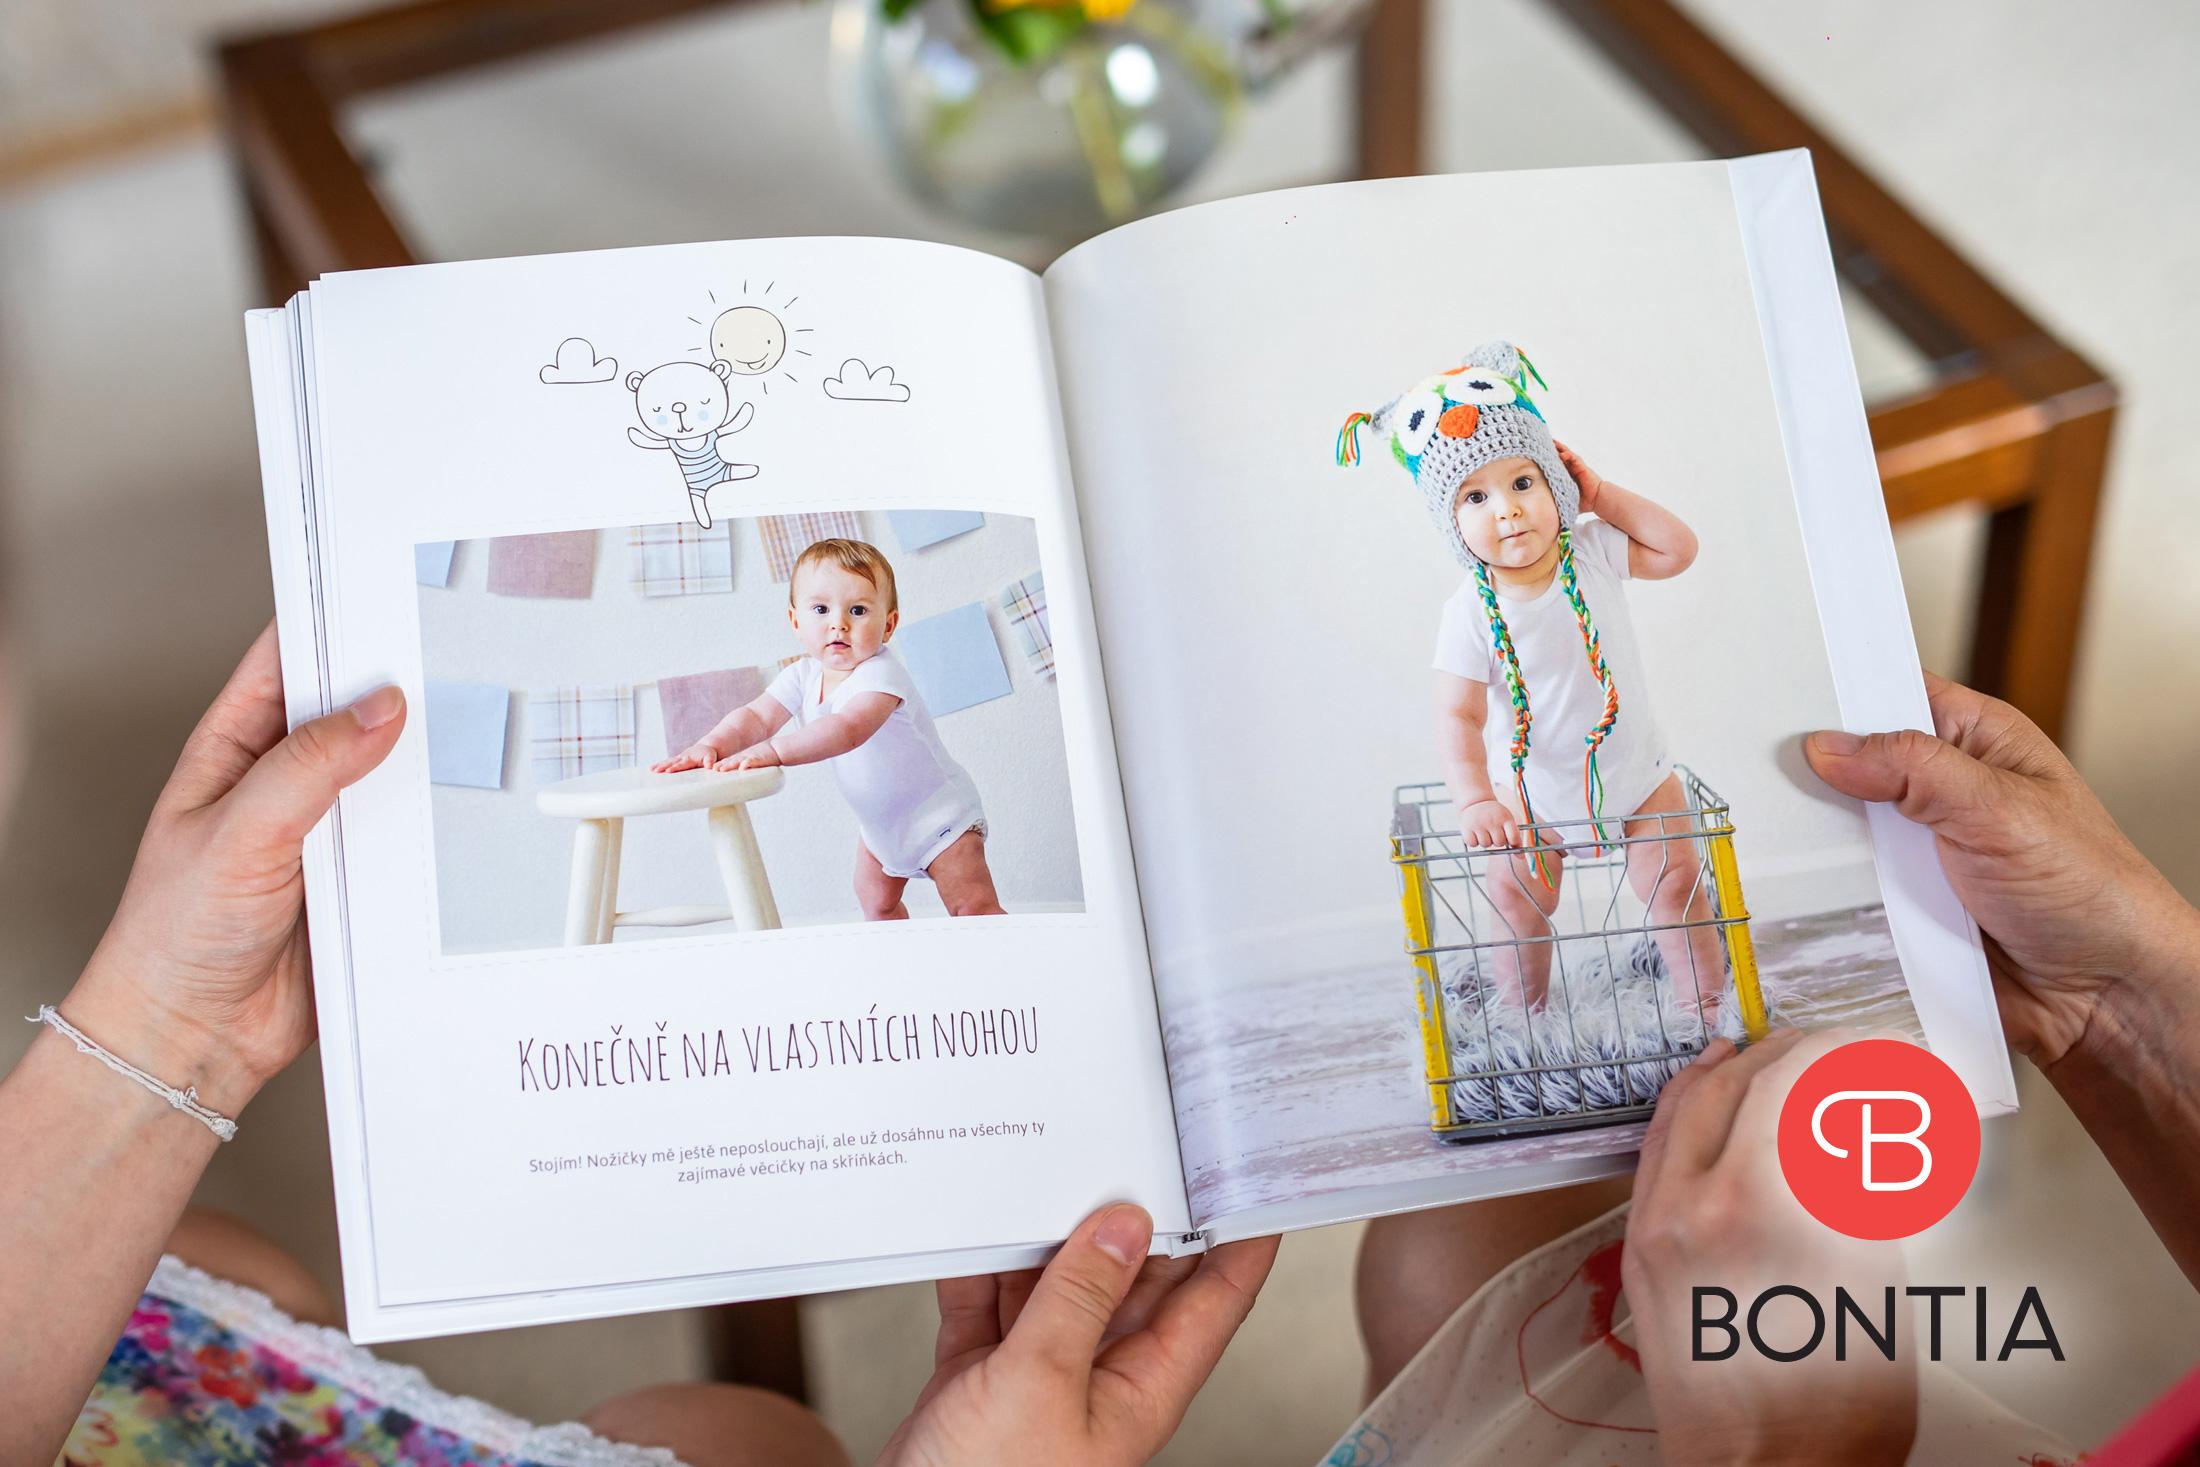 Fotokniha o vašem dítěti s55 % slevou 2